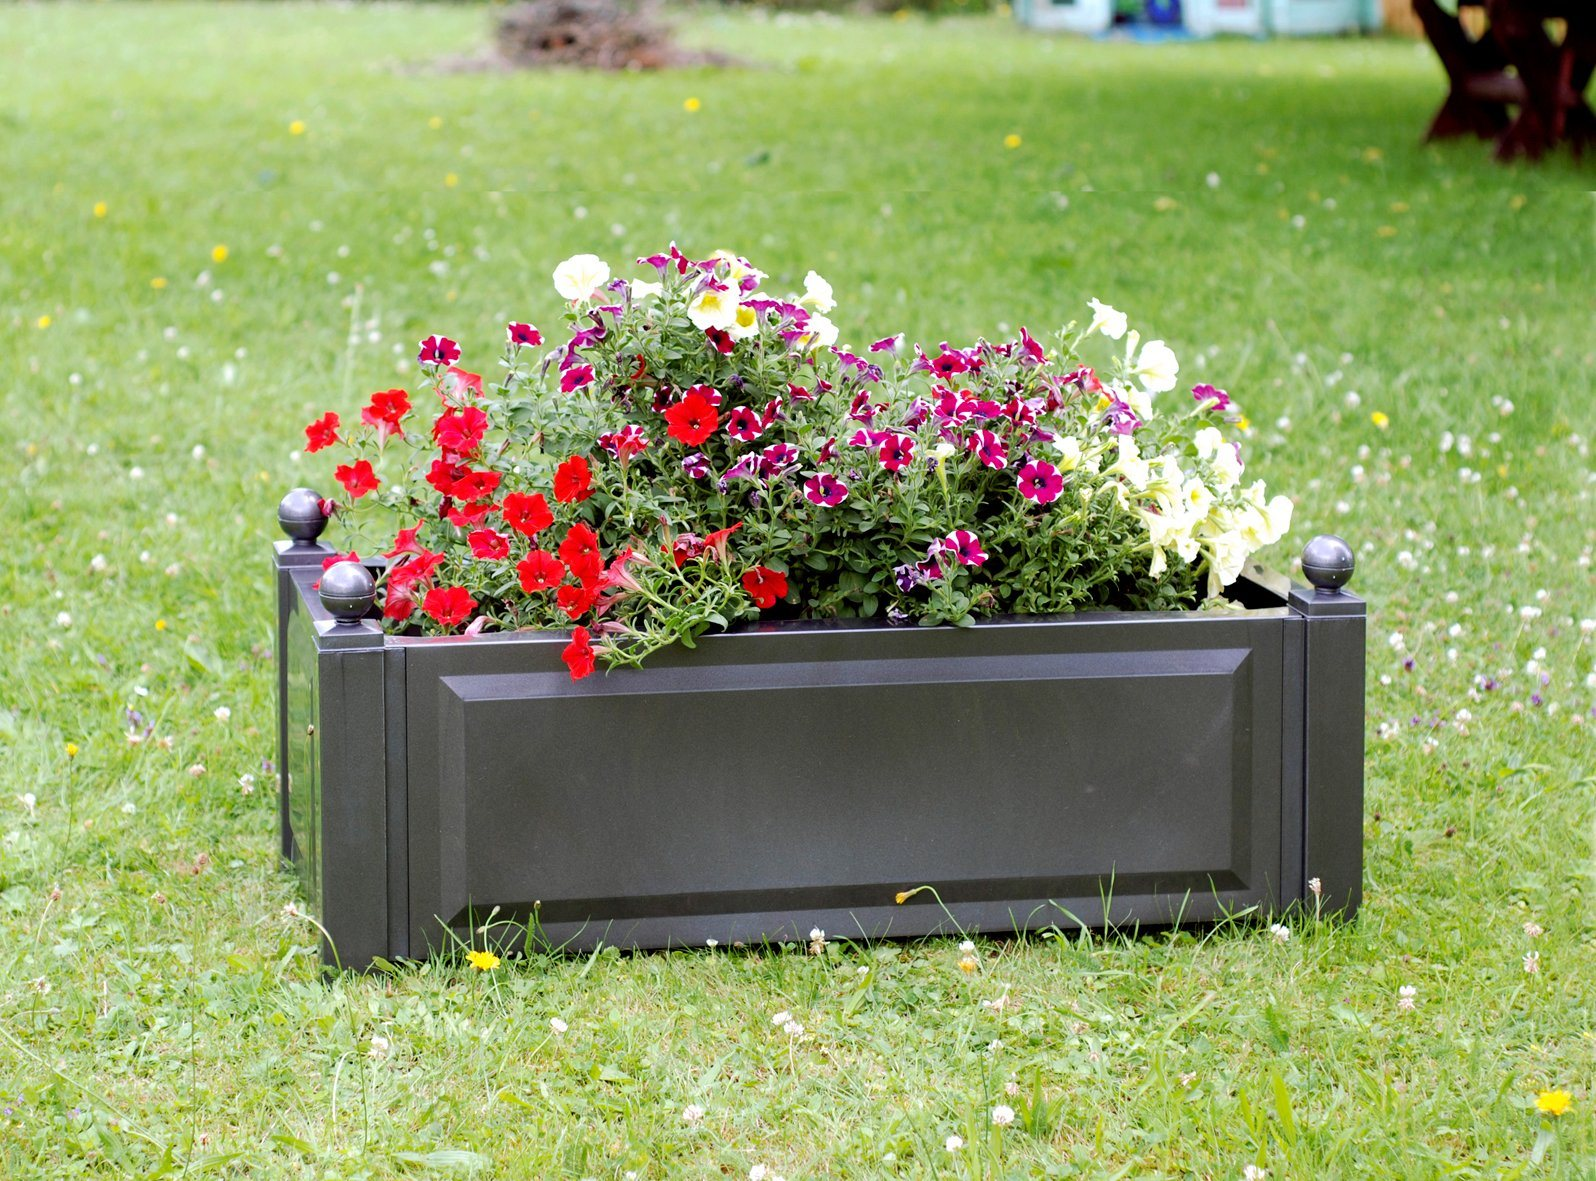 Pflanzkasten anthrazit , 100 cm | Garten > Pflanzen > Pflanzkästen | KHW